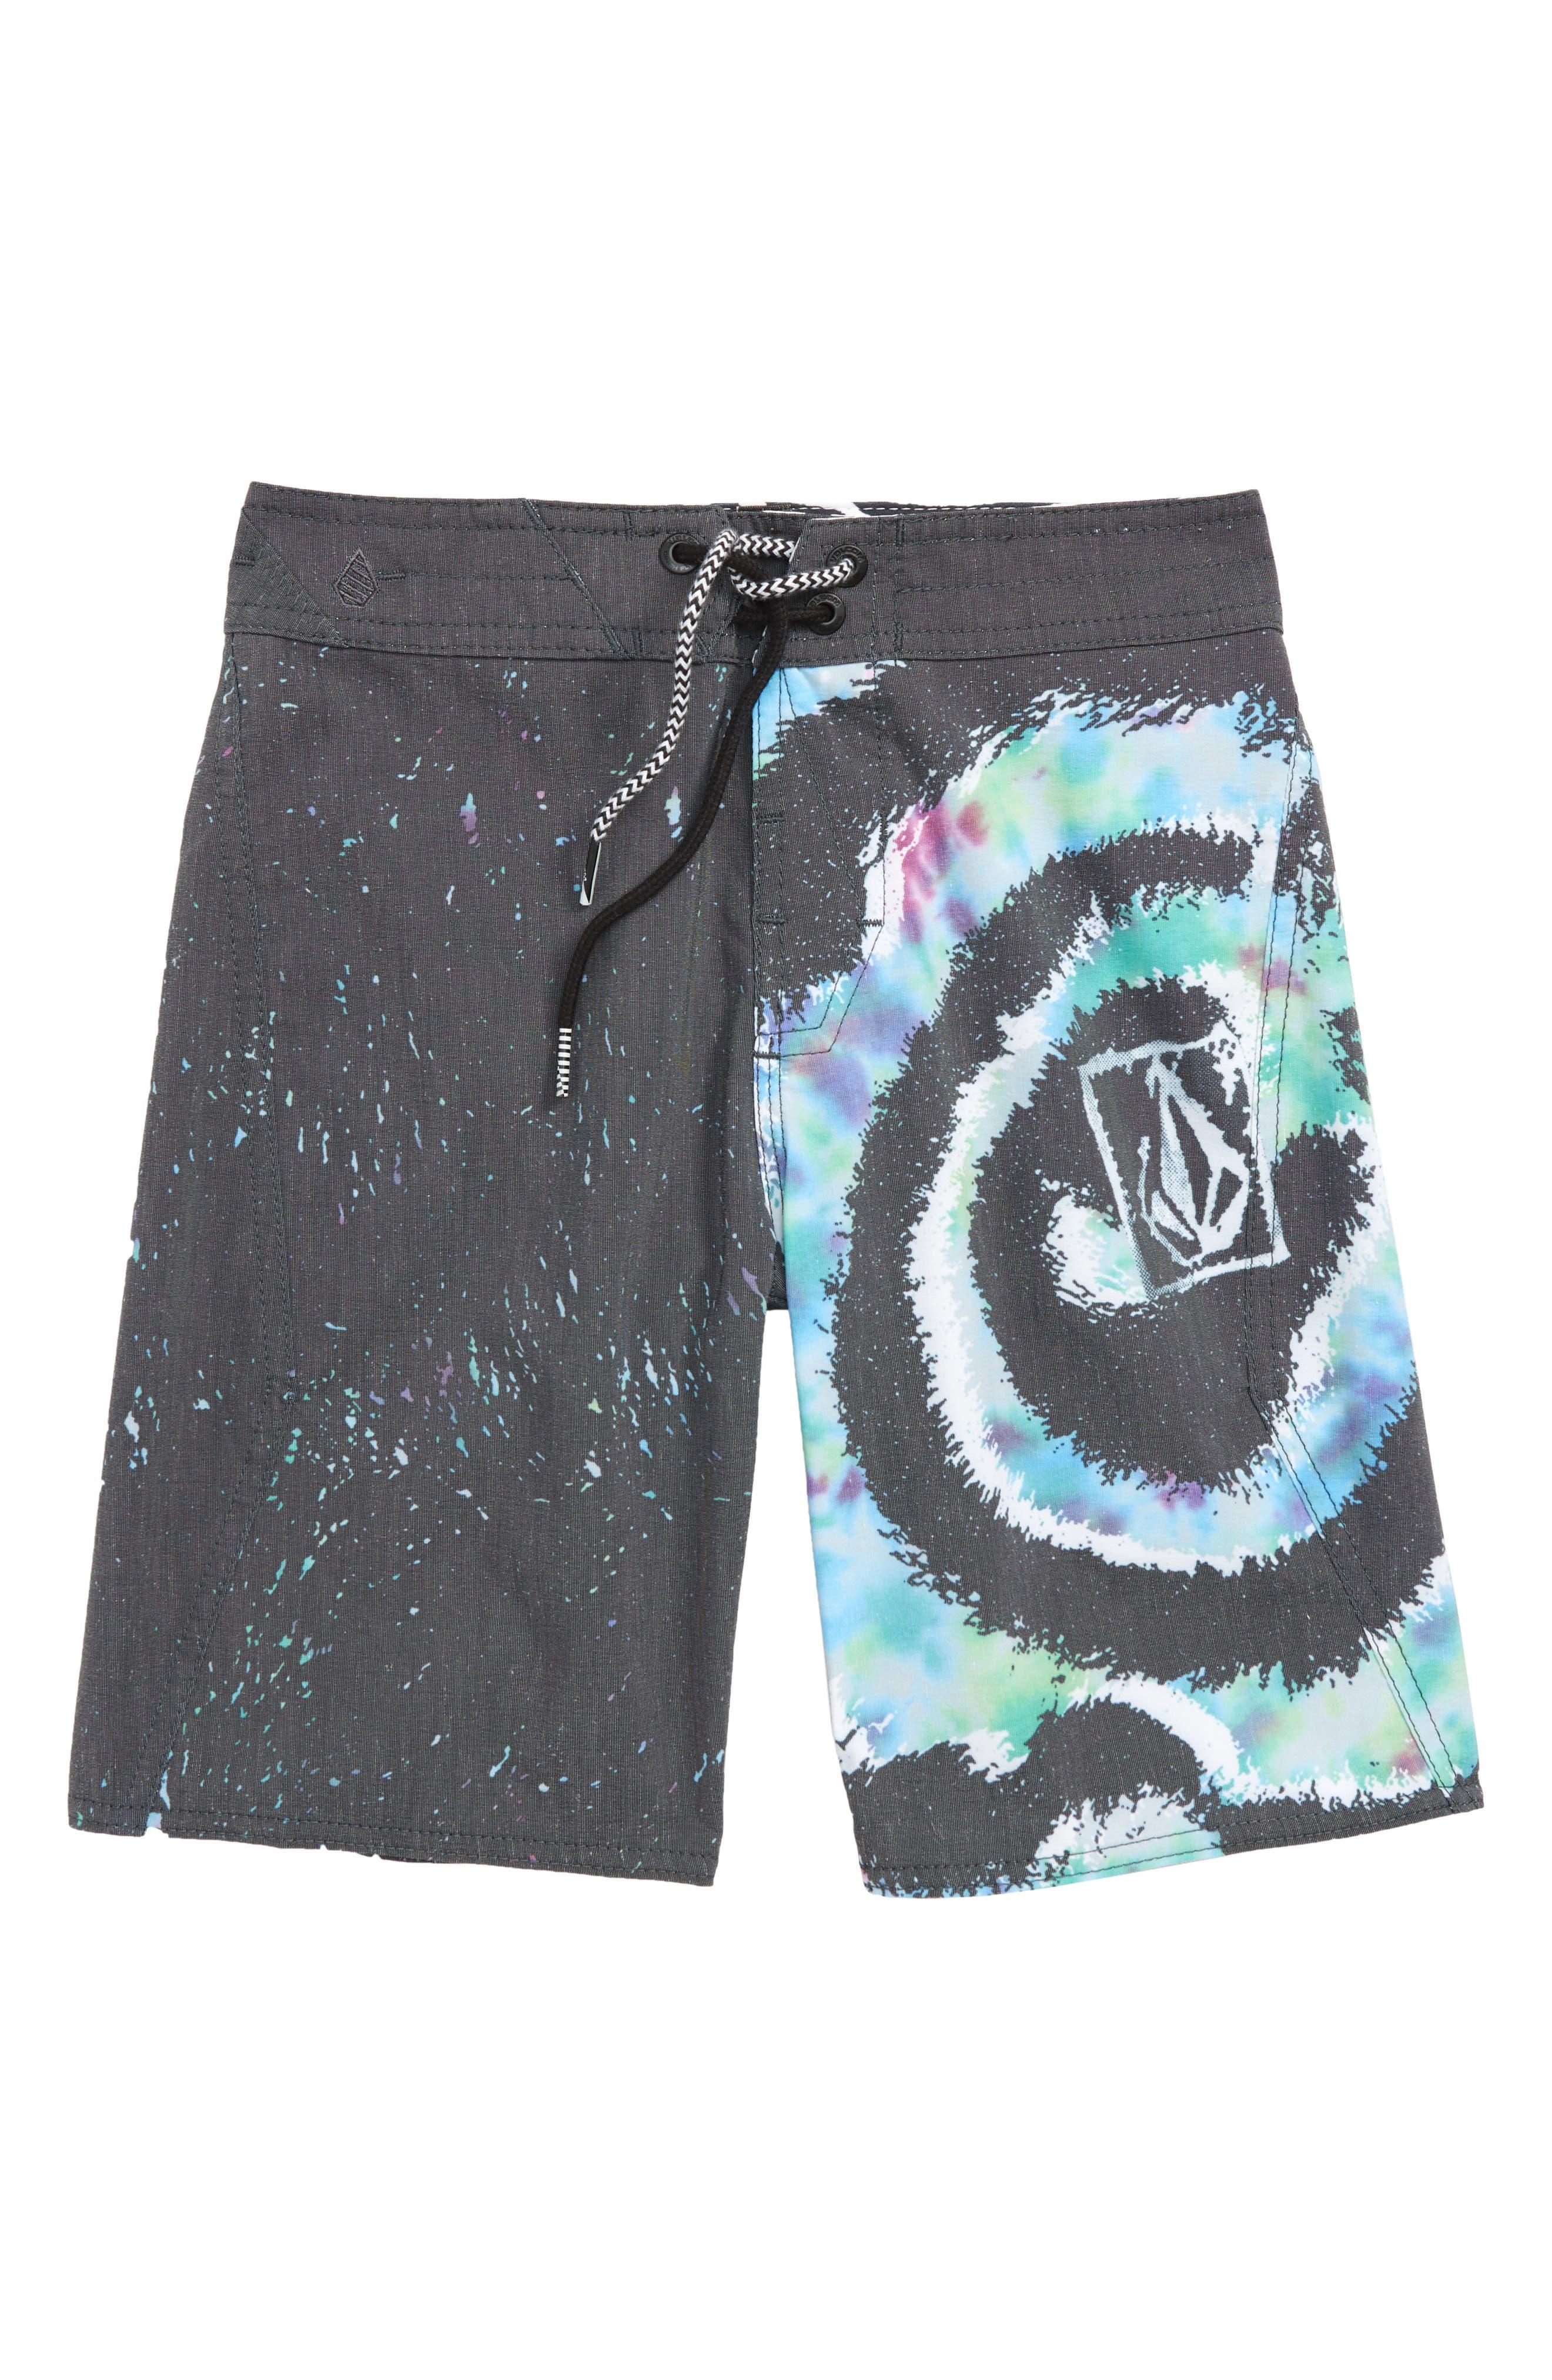 Psyched Board Shorts,                             Main thumbnail 1, color,                             005